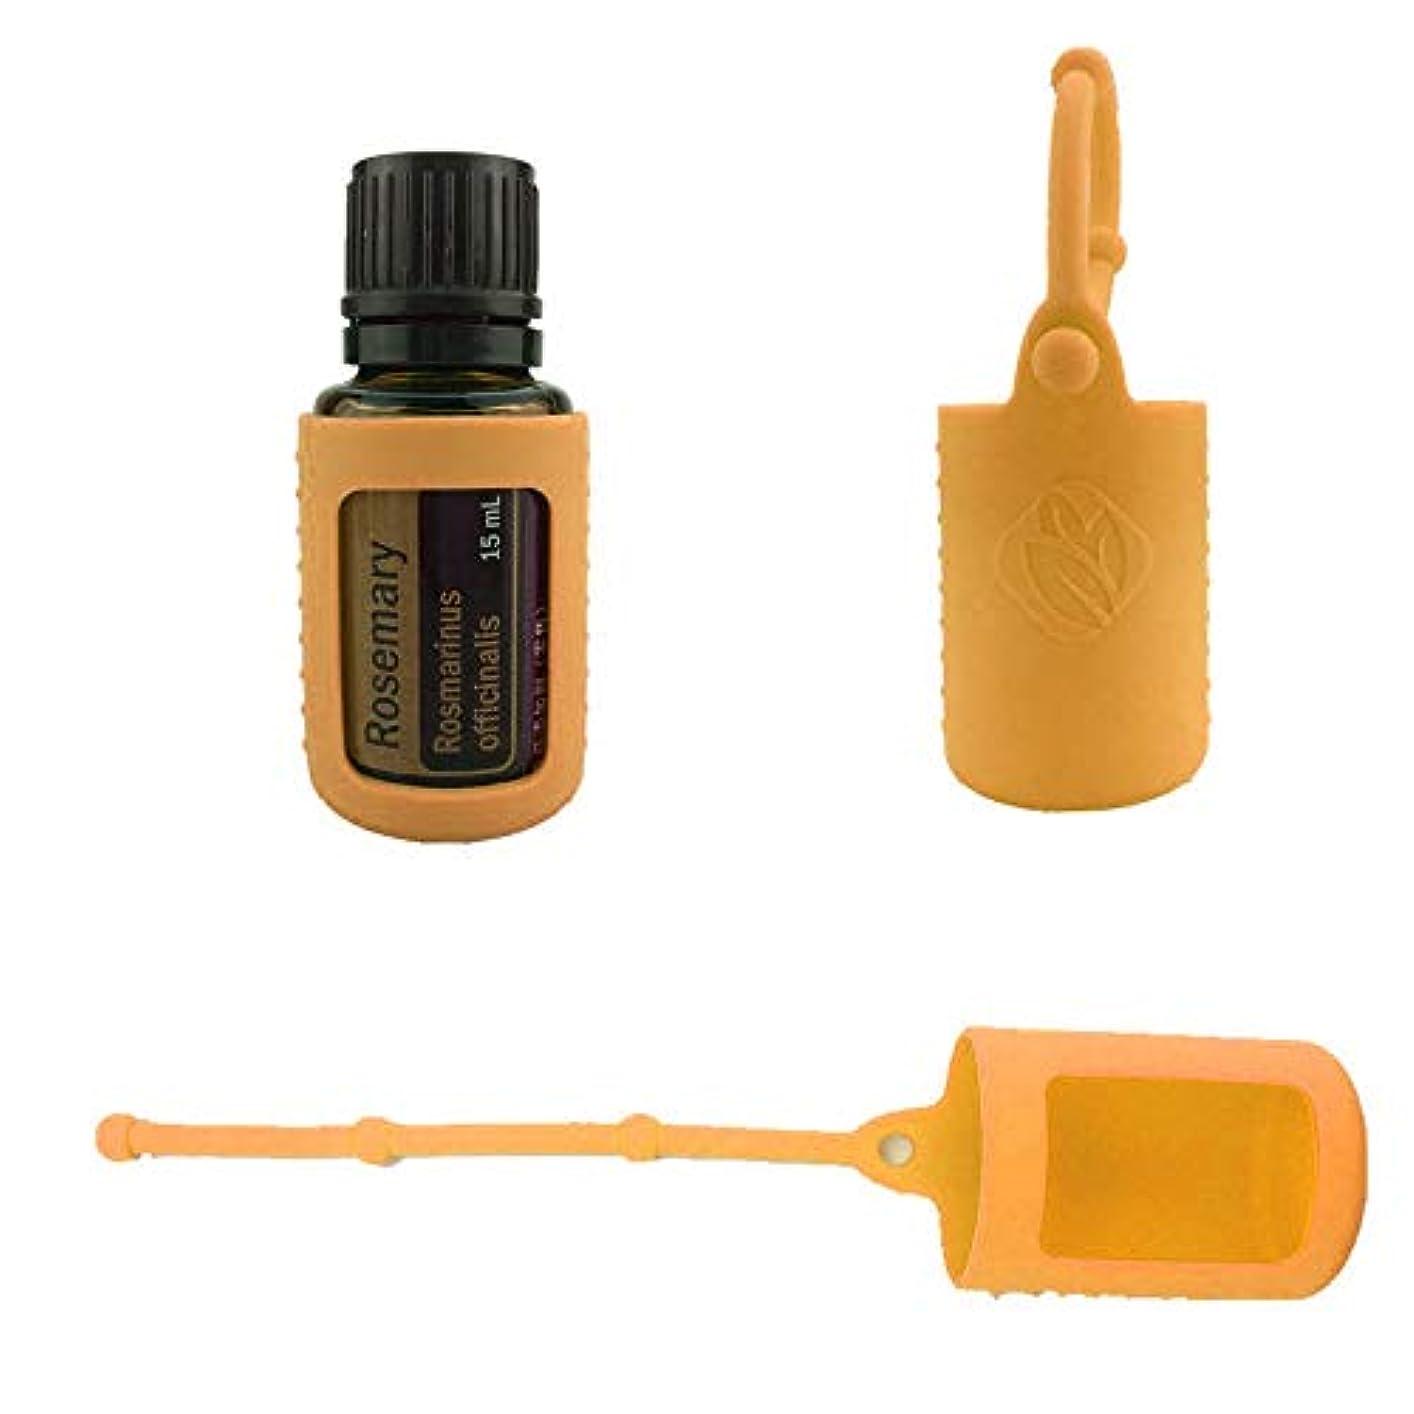 日食設置どこにも6パック熱望オイルボトルシリコンローラーボトルホルダースリーブエッセンシャルオイルボトル保護カバーケースハングロープ - オレンジ - 6-pcs 15ml